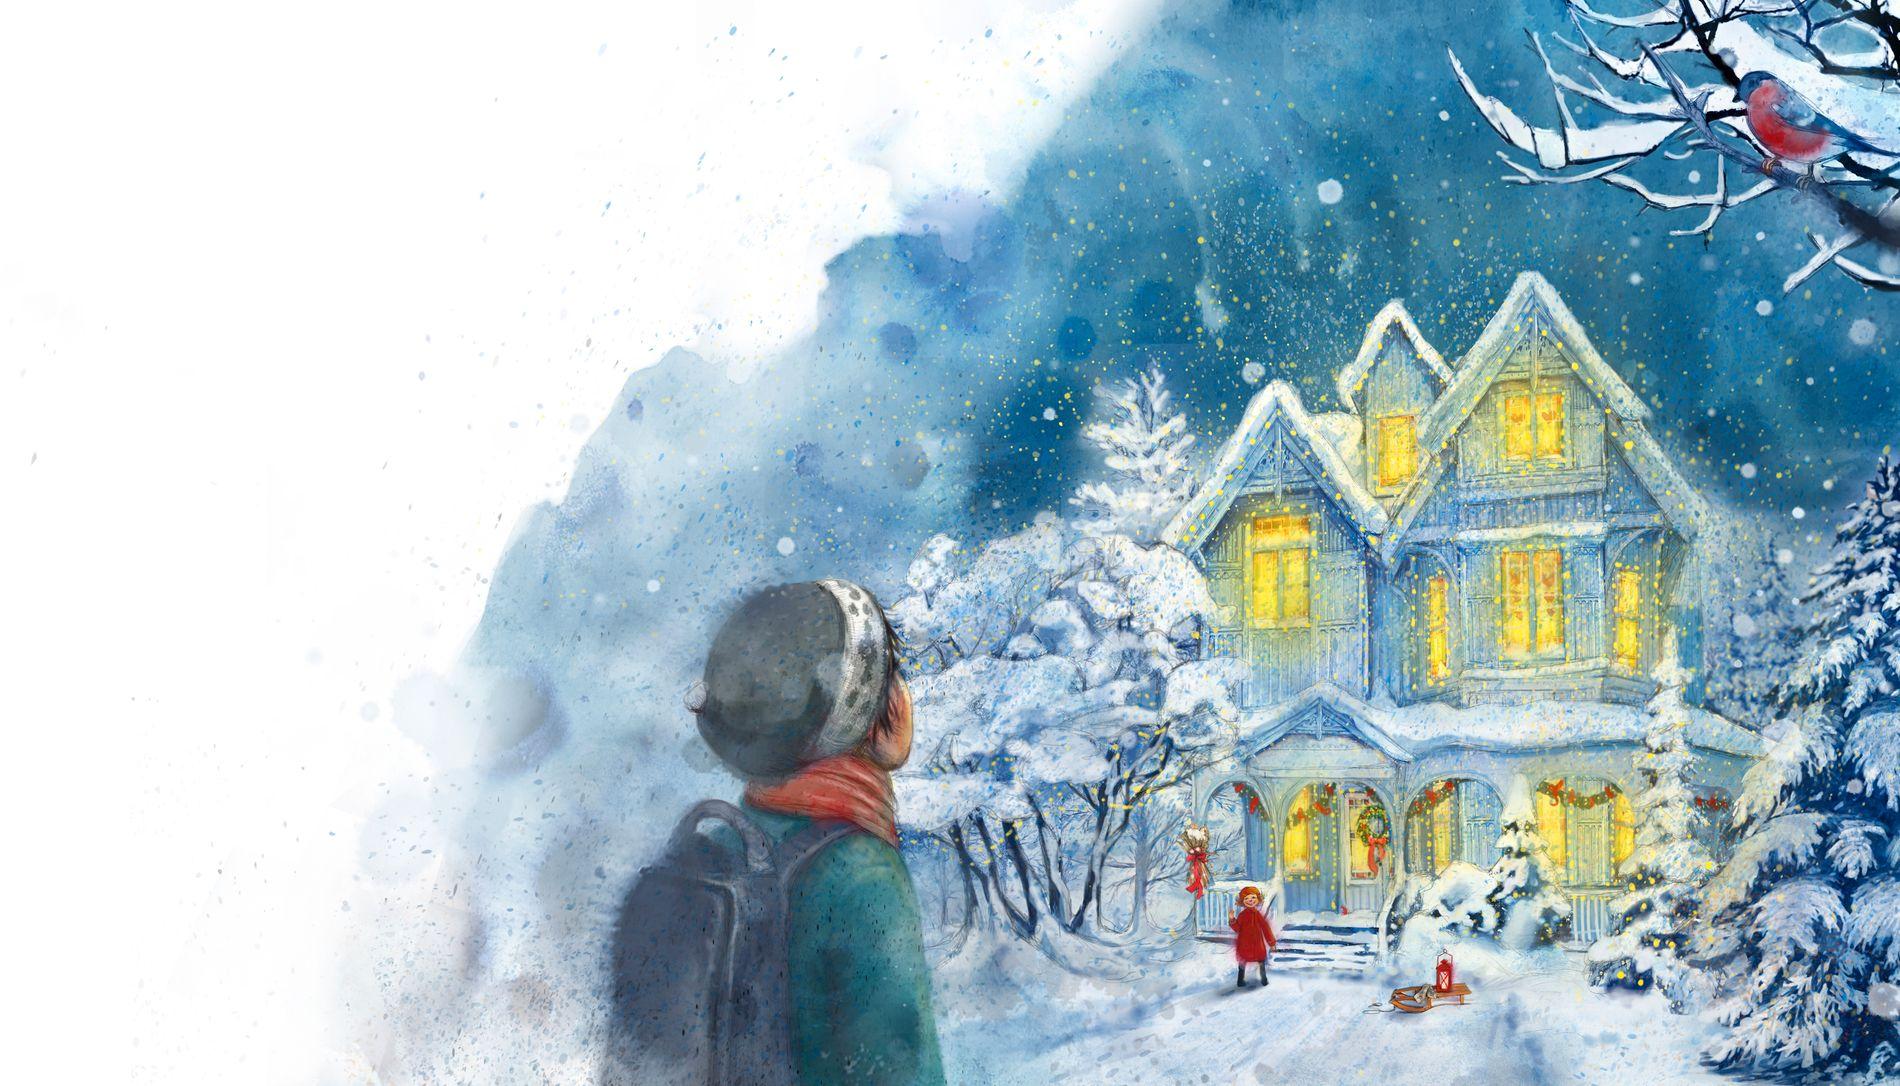 VILLA KVISTEN: Her bor juleelskeren Hedvig – og i dette huset begynner det å skje mystiske ting. Det dukker også opp en skummel mann.